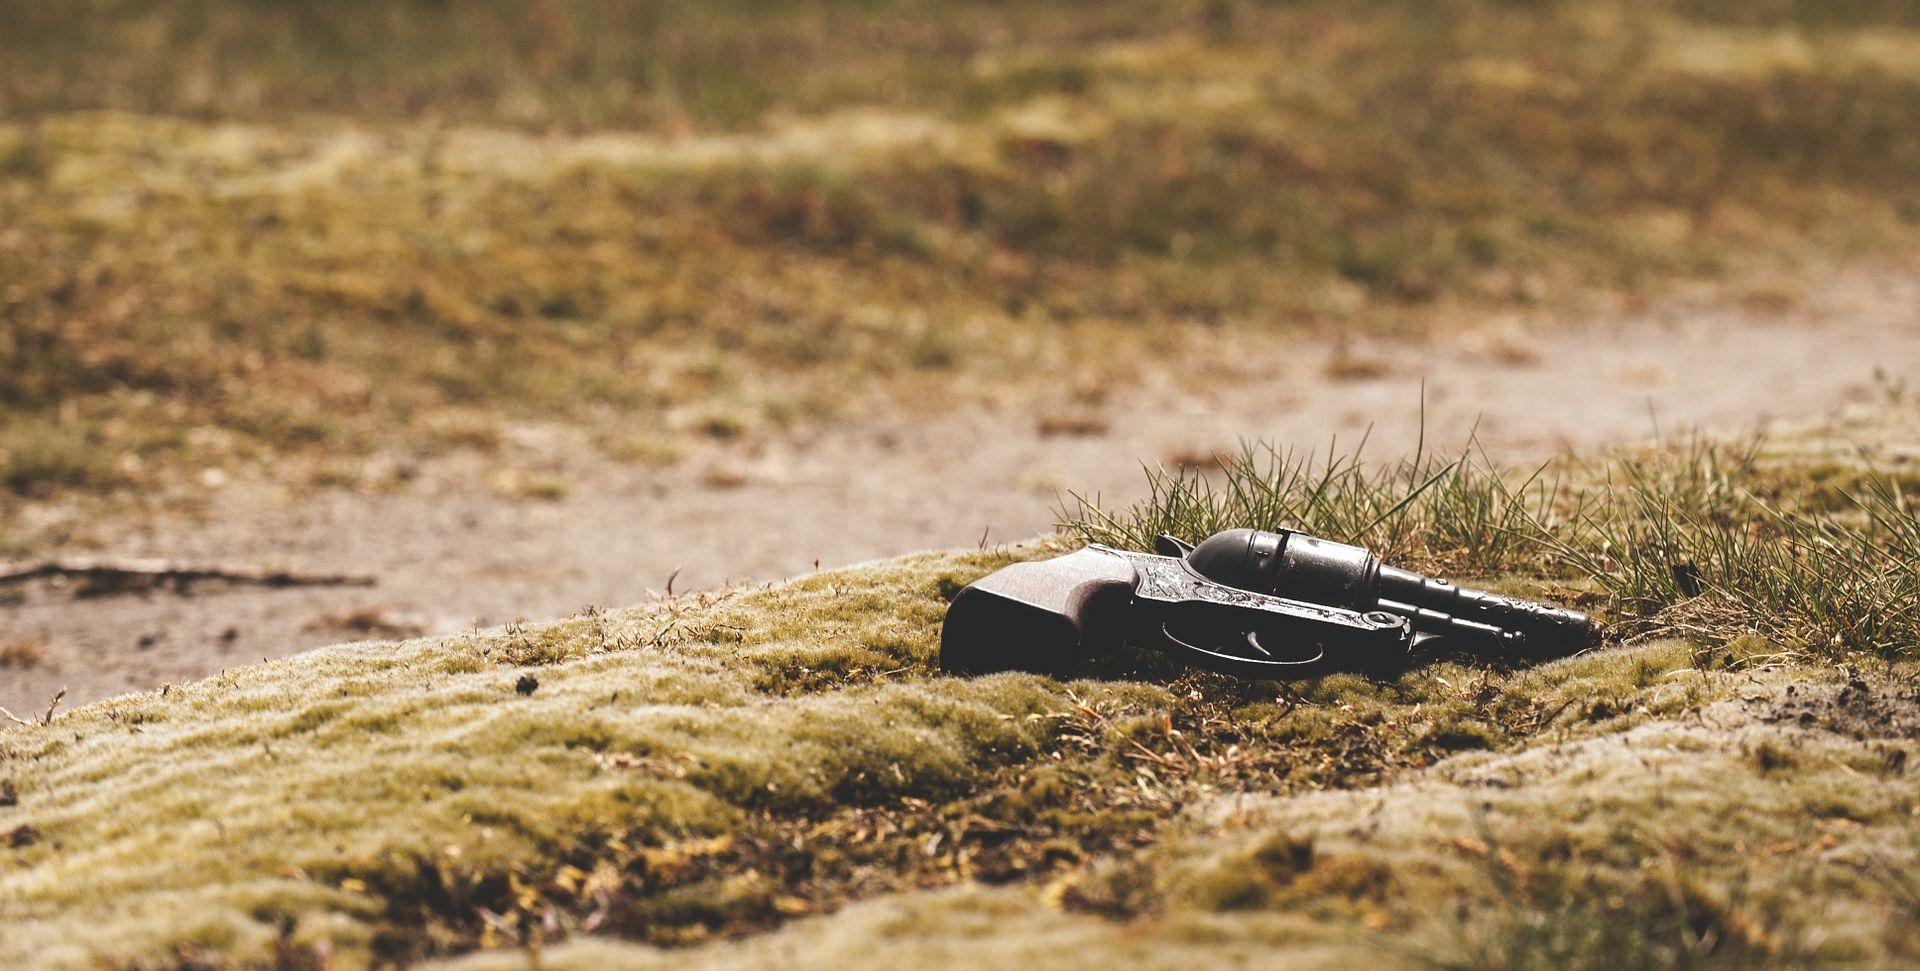 DVIJE VERZIJE DOGAĐAJA Jedanaestogodišnji Amerikanac upucao 16-godišnjaka u glavu